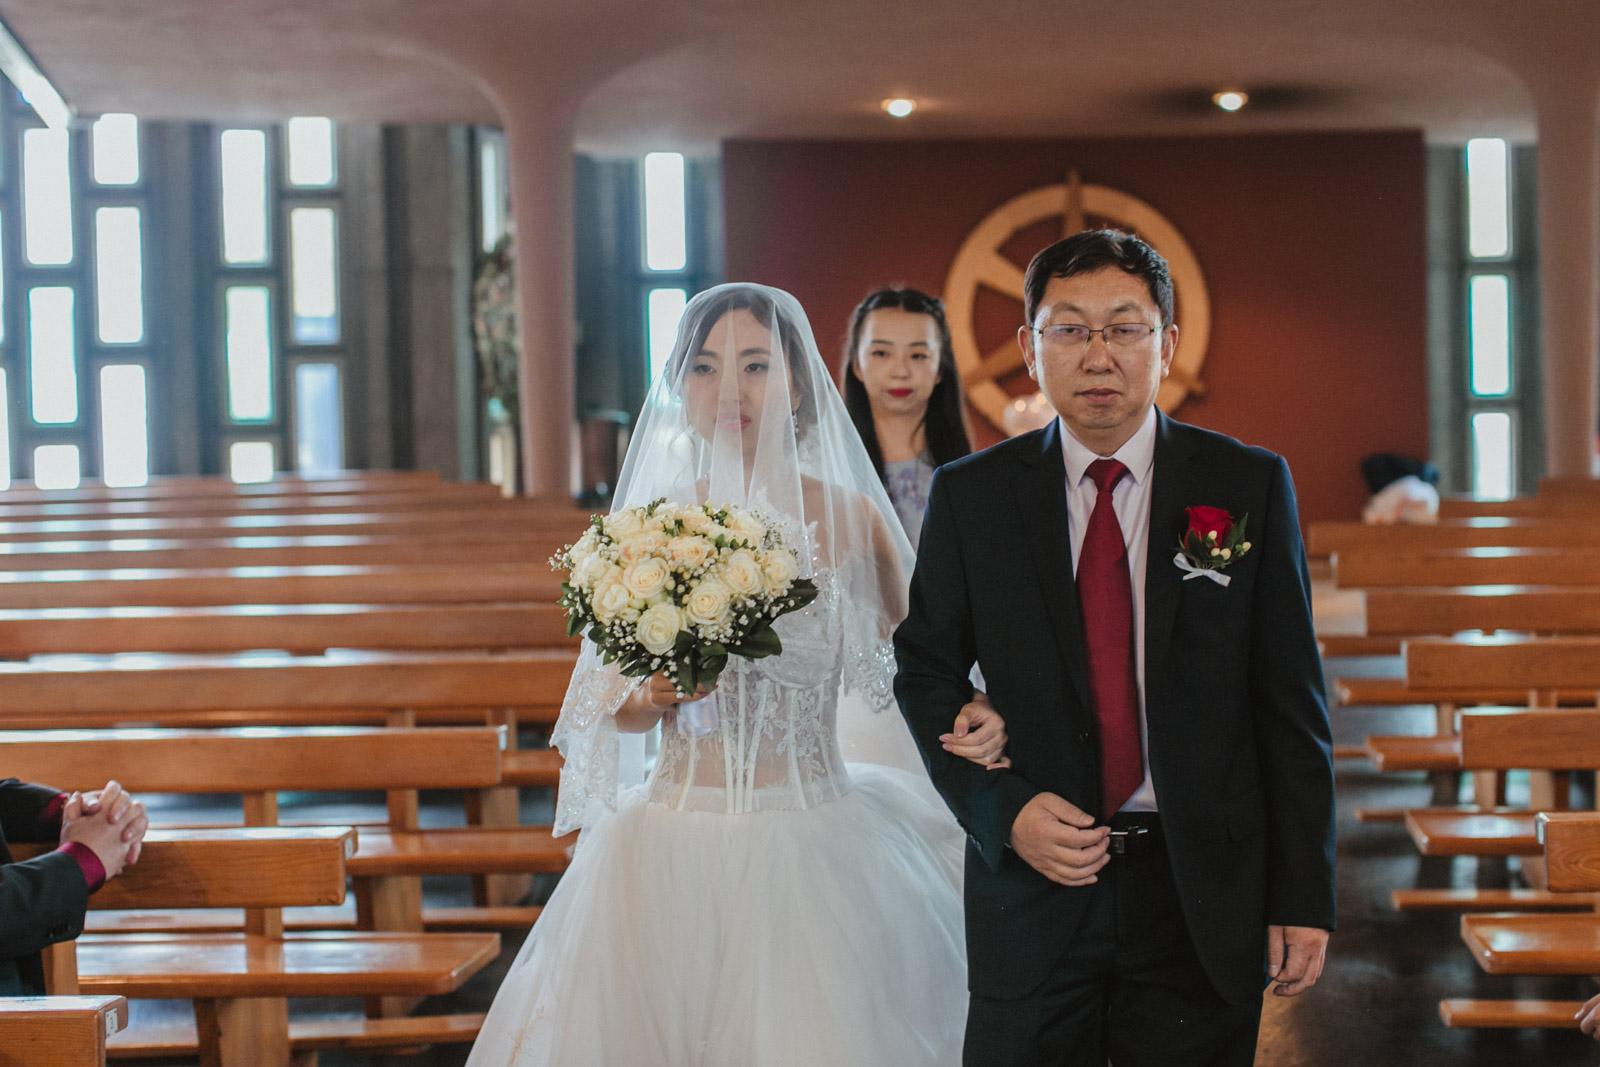 Vater führt verschleierte Braut zum Altar